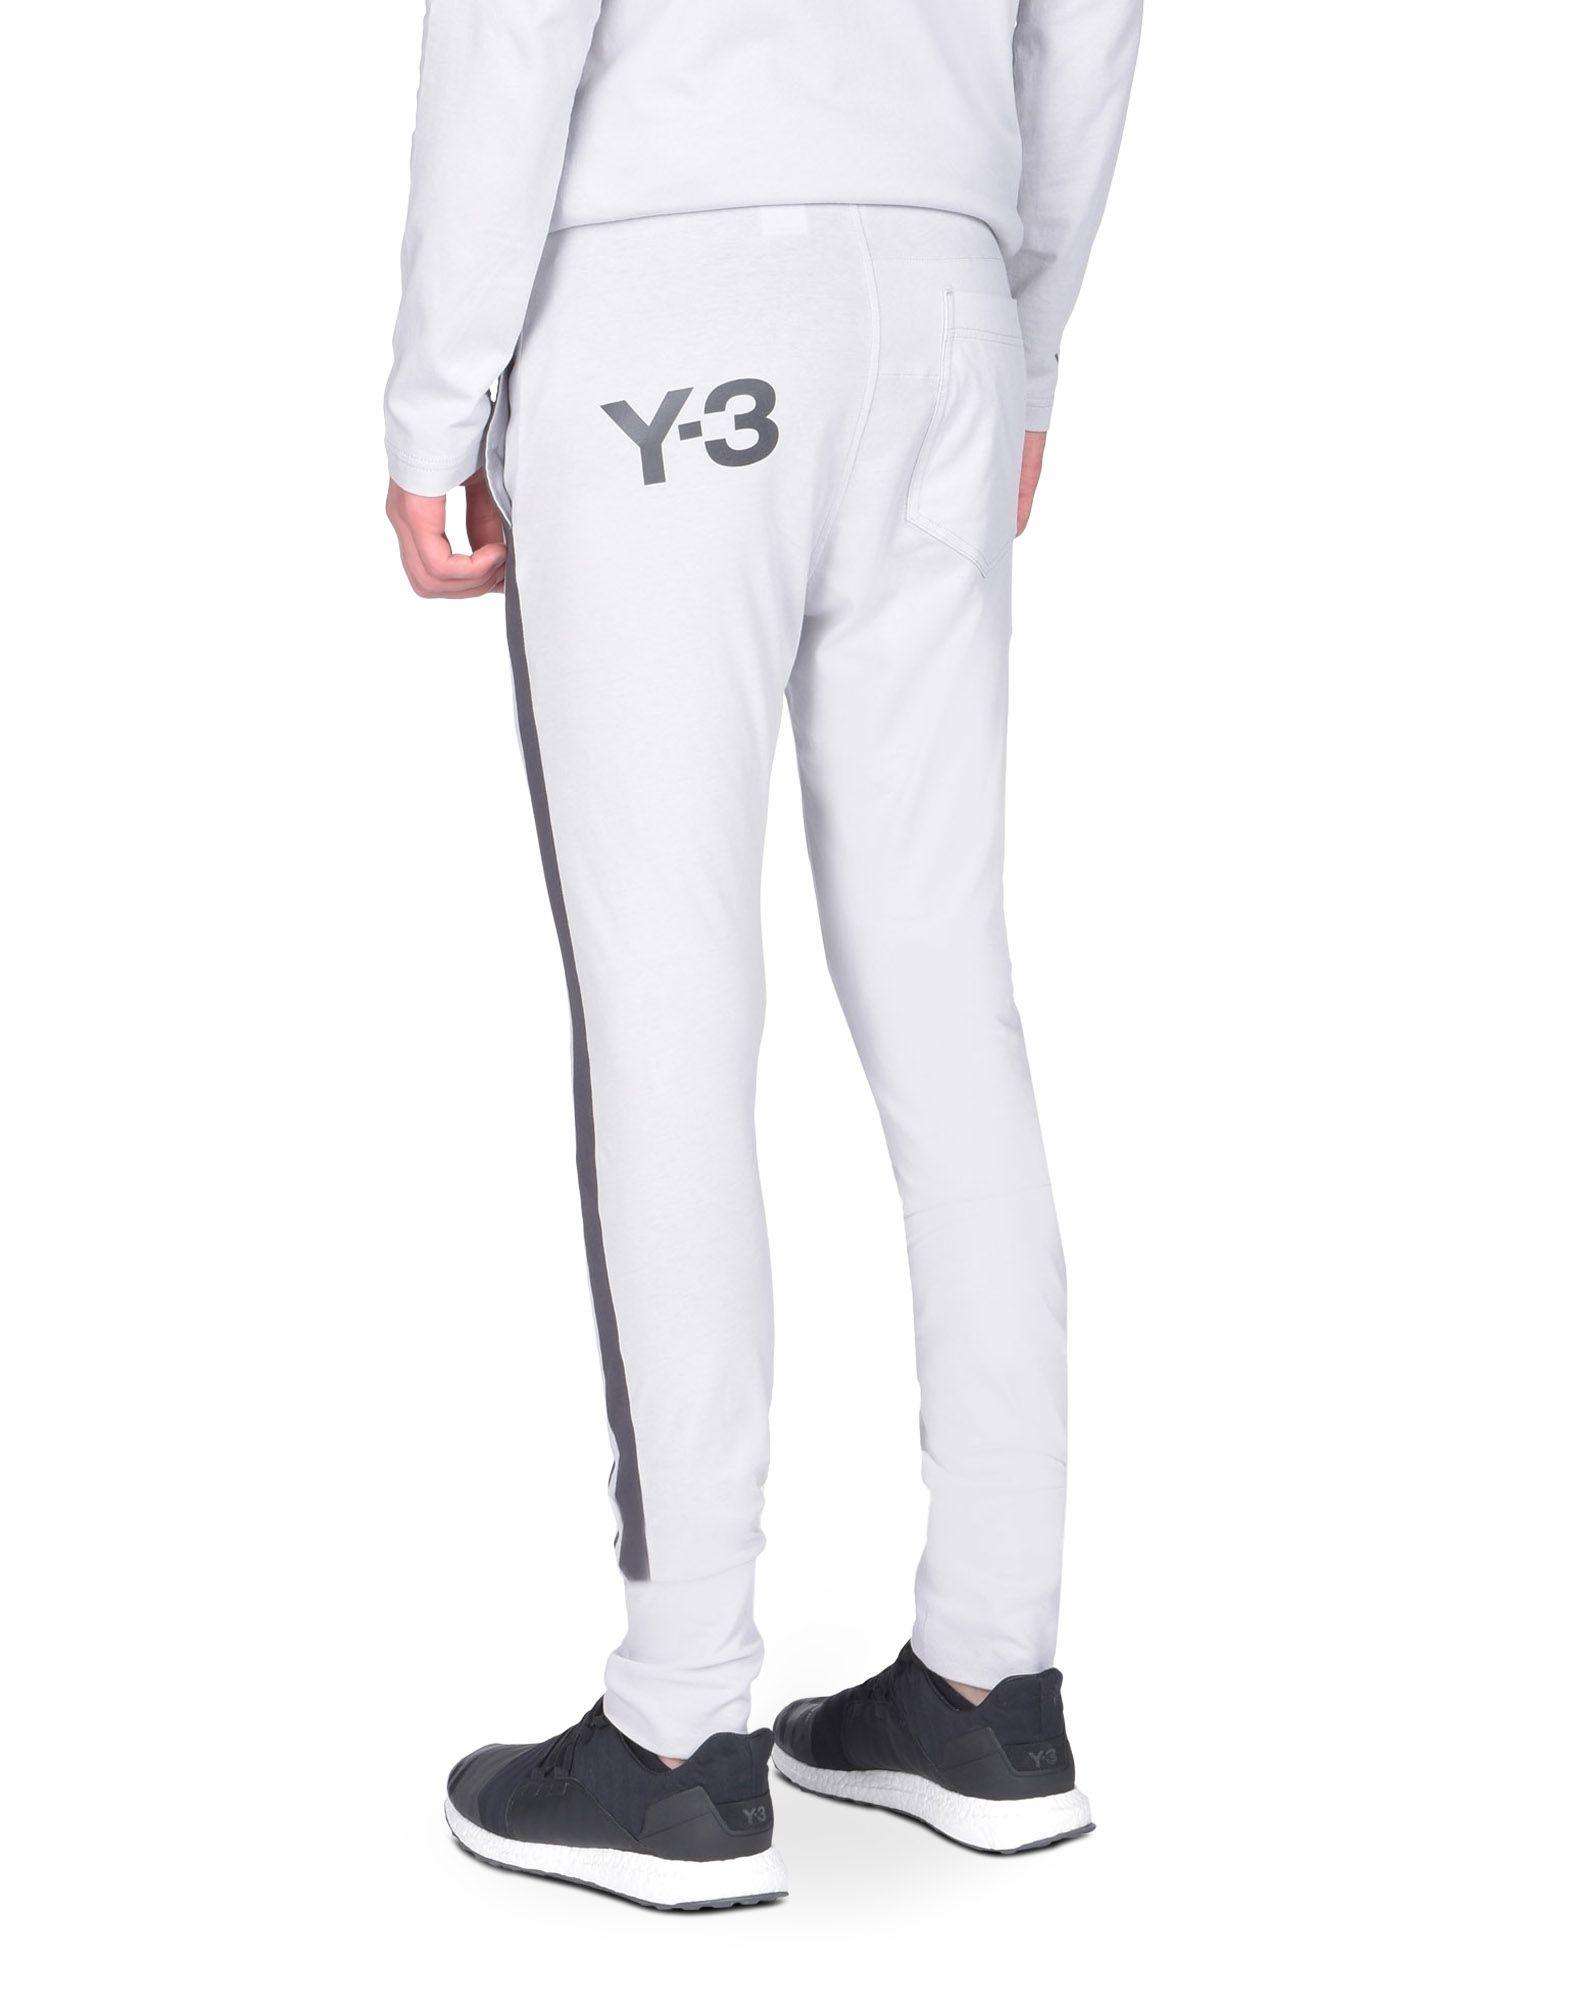 adidas 3 stripe pants. y-3 3-stripes pant pants man adidas 3 stripe pants